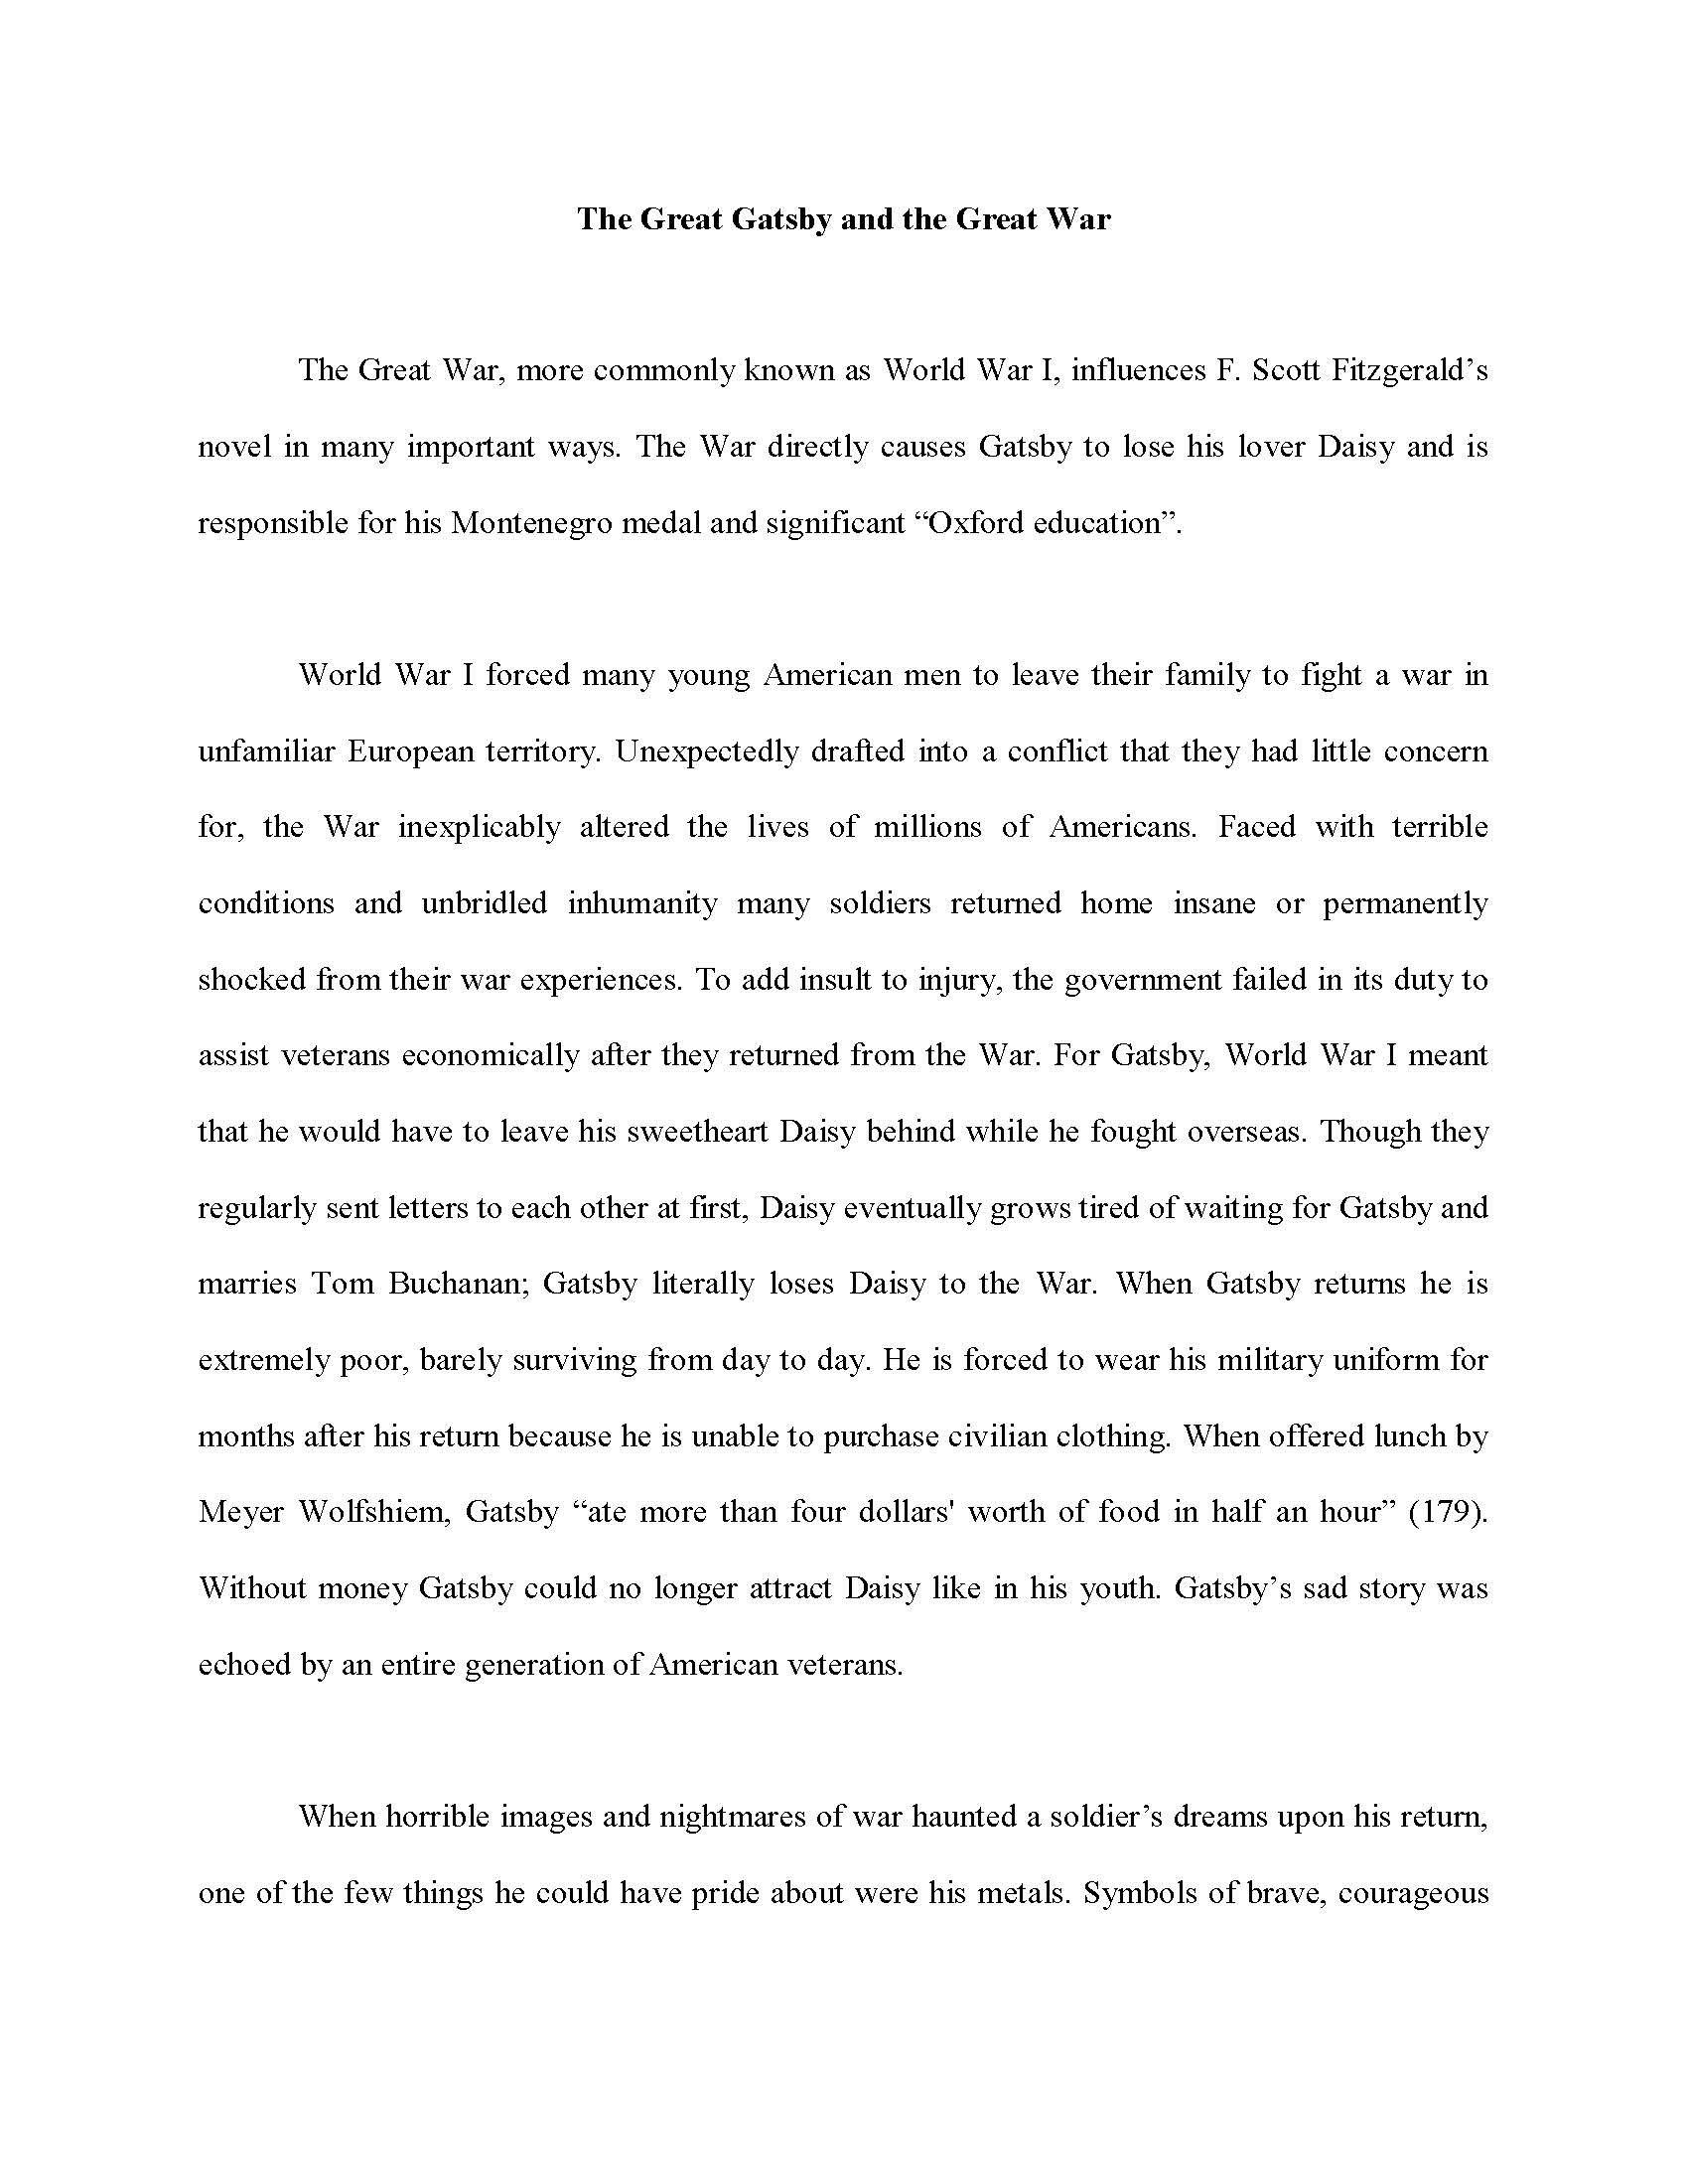 0011 Tragic hero essay. Othello as Tragic Hero. From Hamlet, an